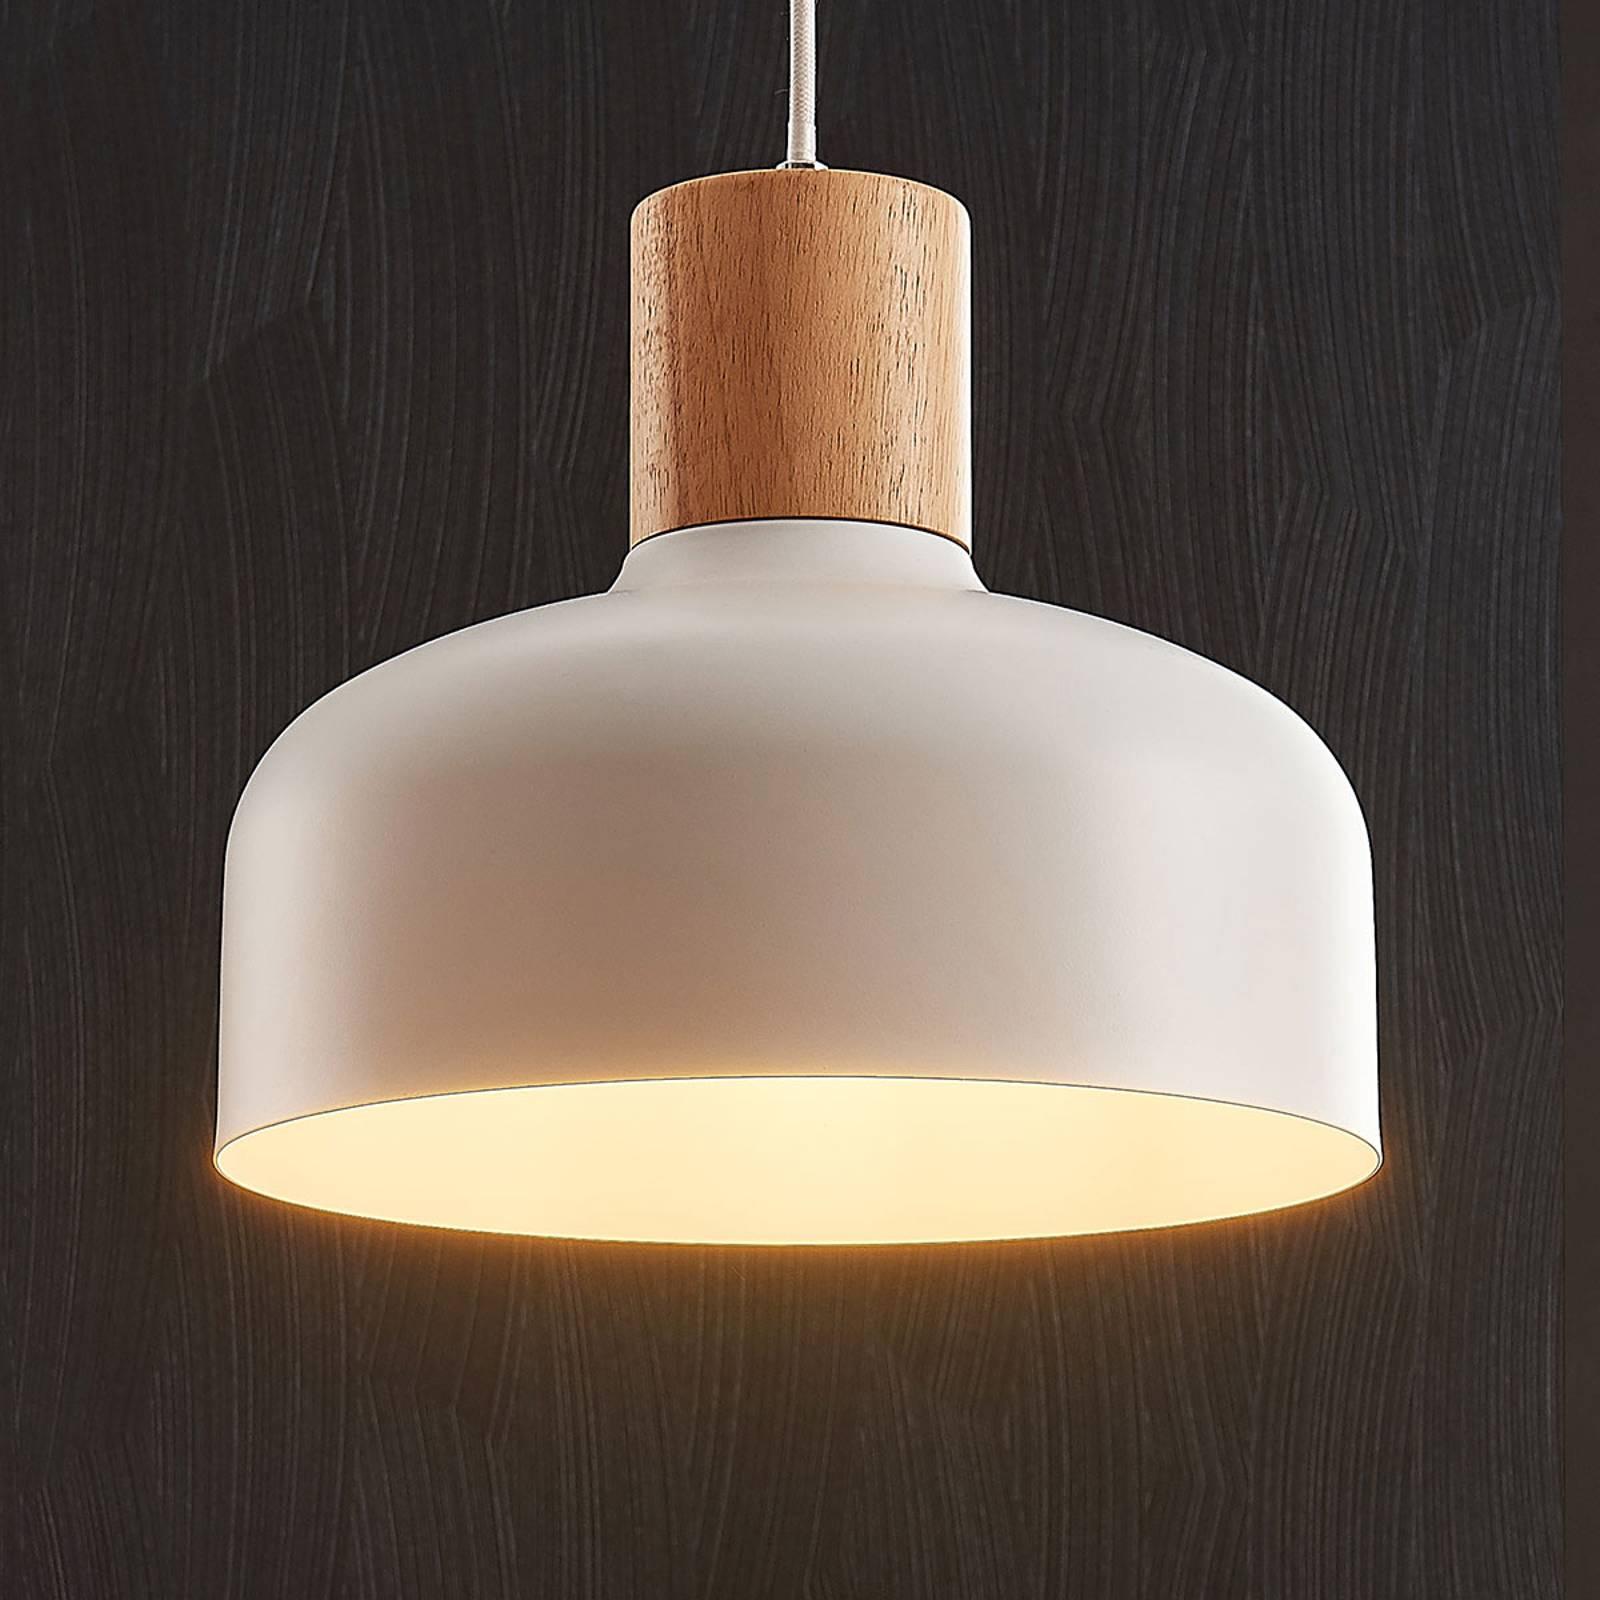 Billede af Hængelampe Carlise med træelement